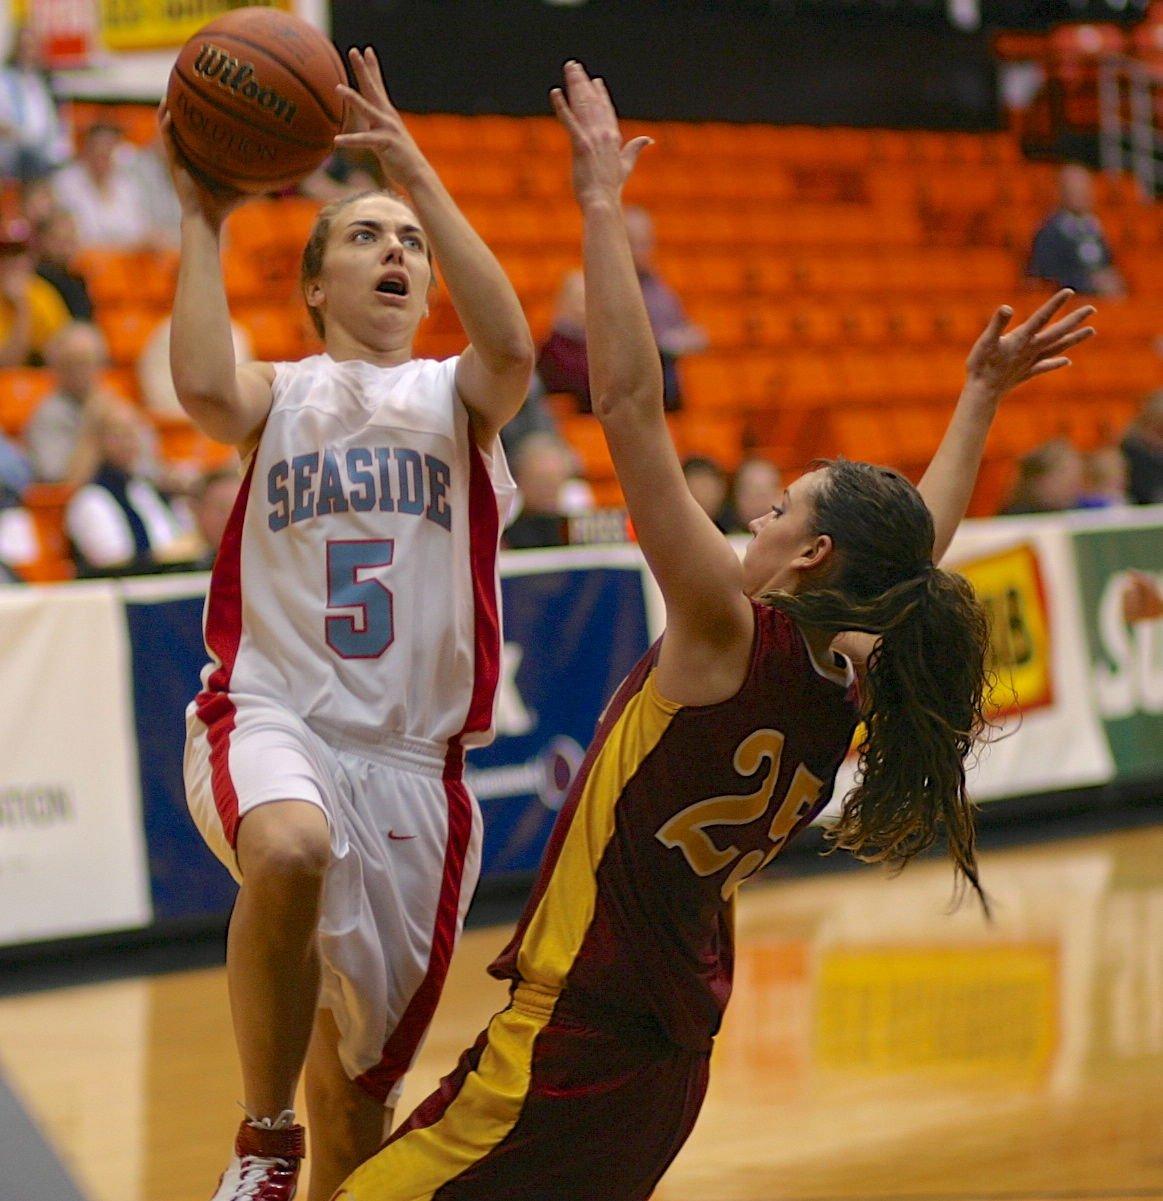 Marla Olstedt, basketball